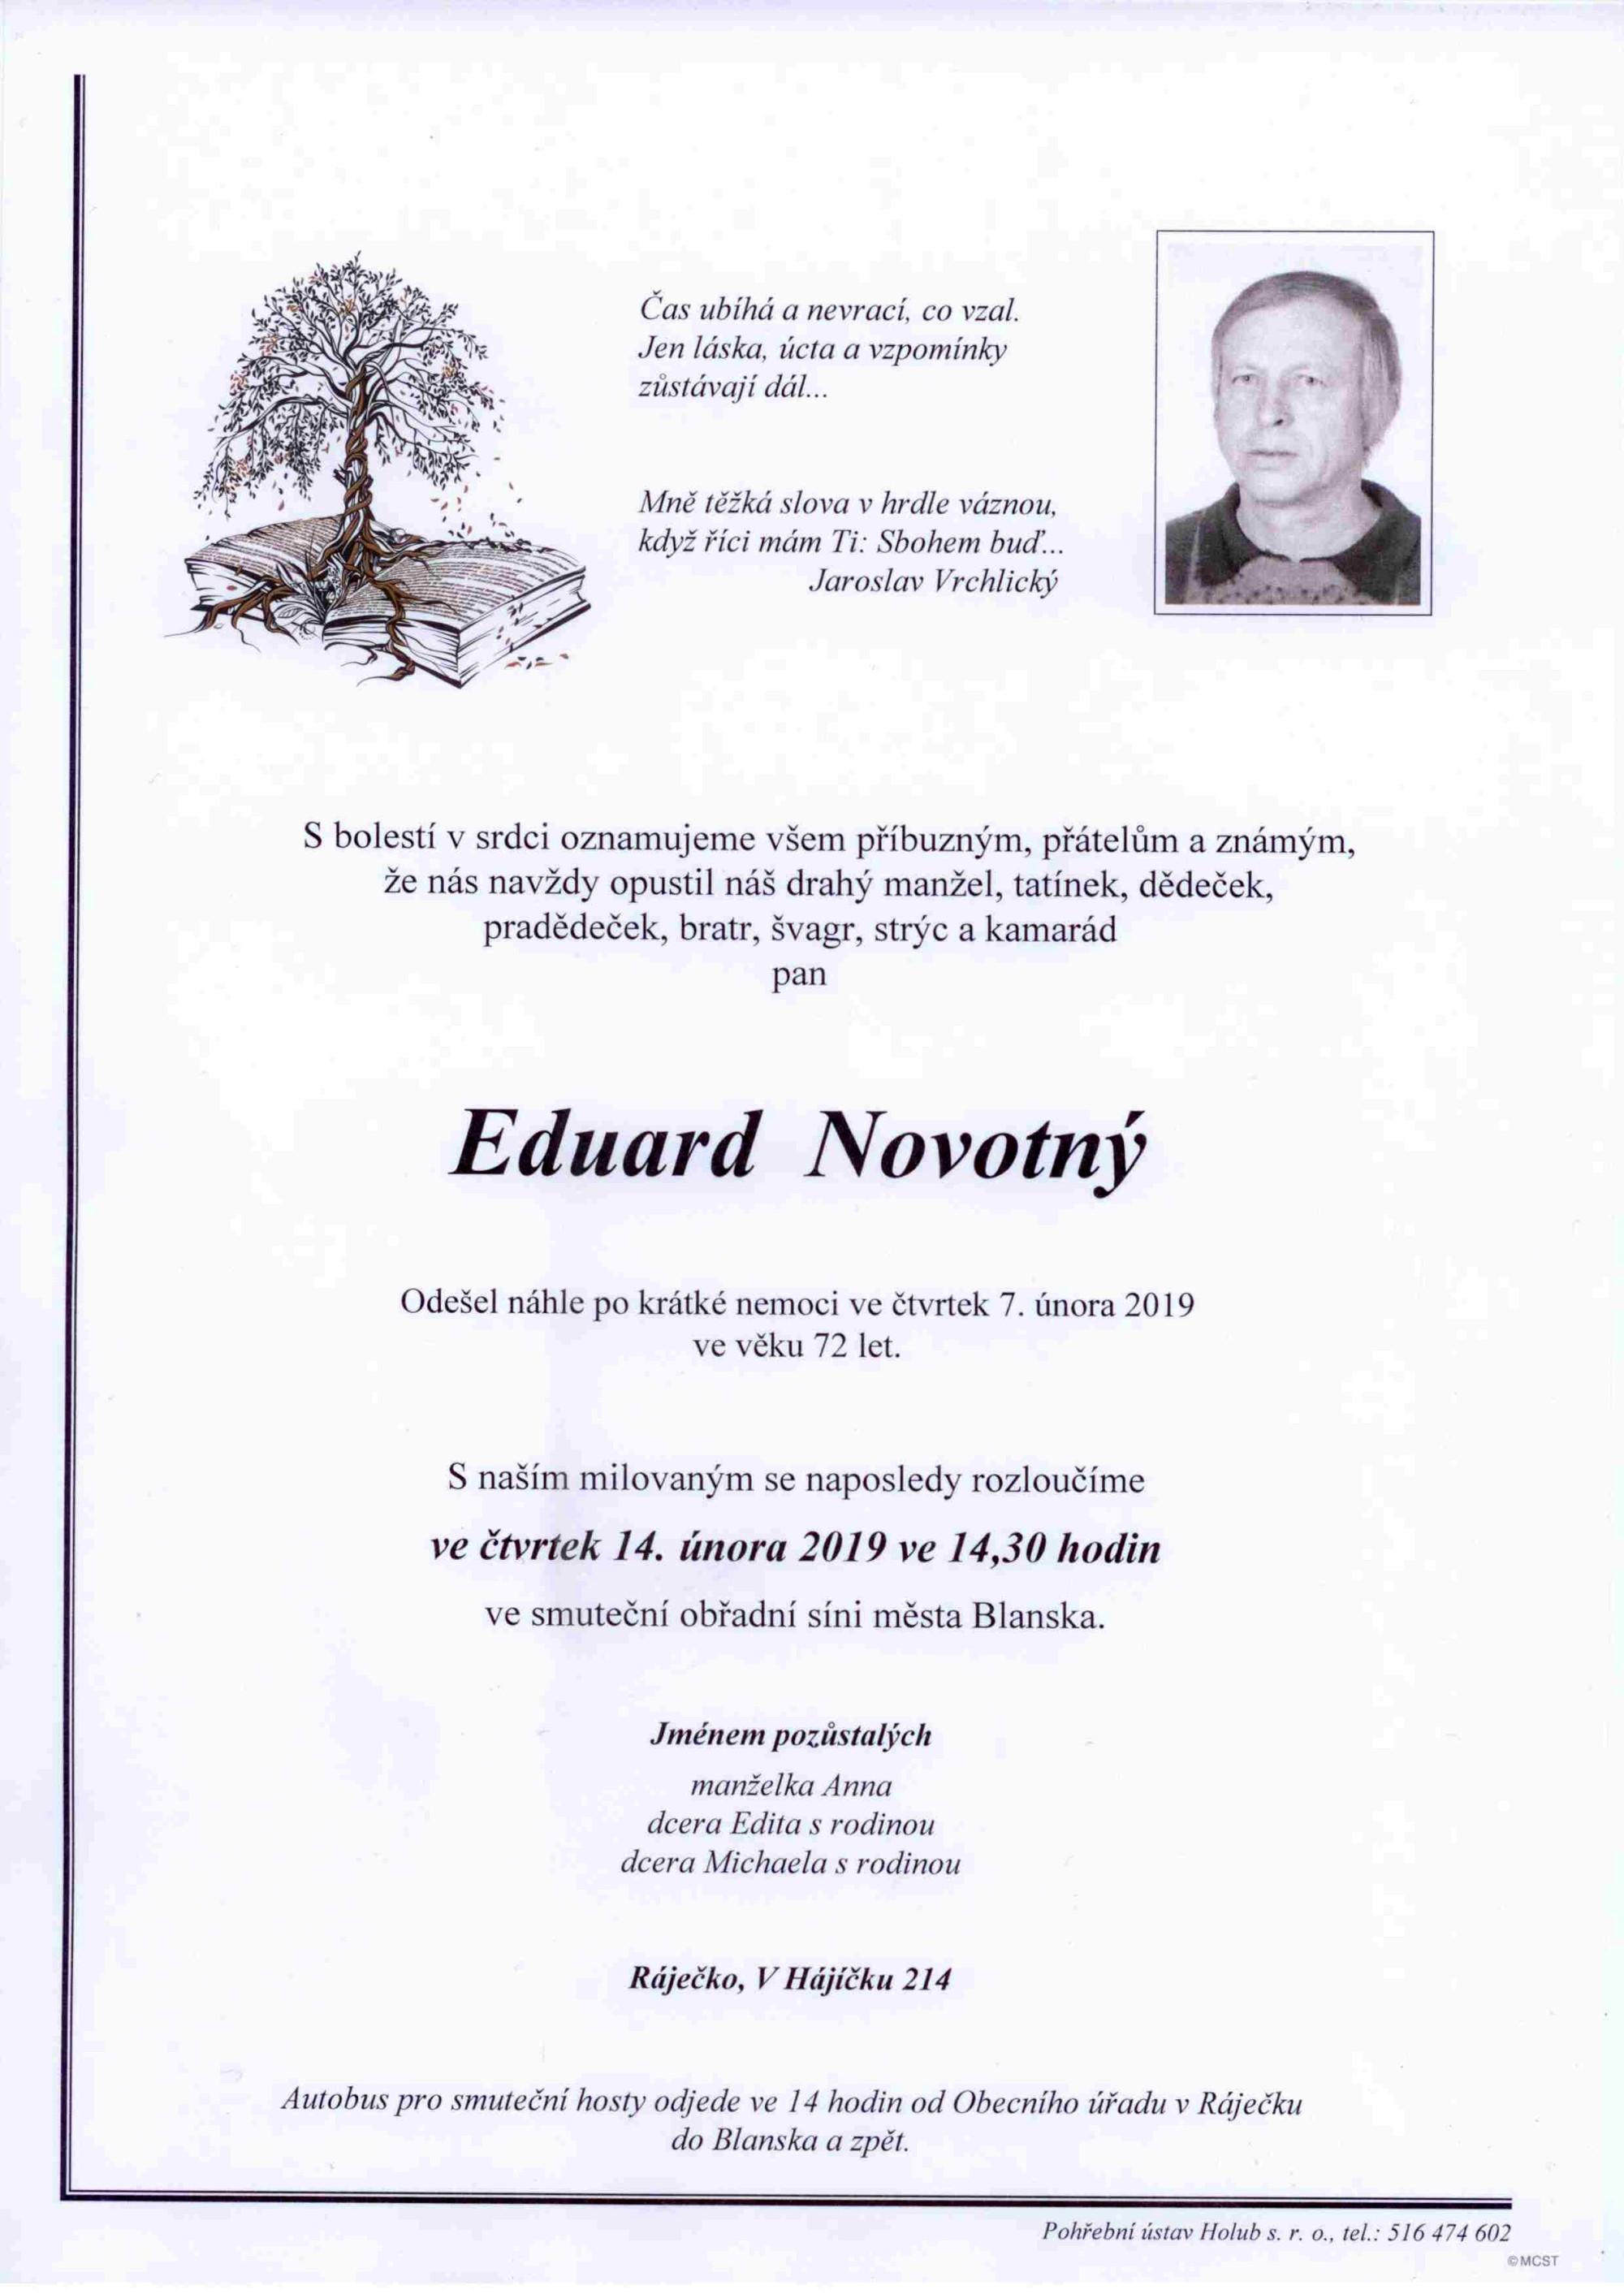 Eduard Novotný